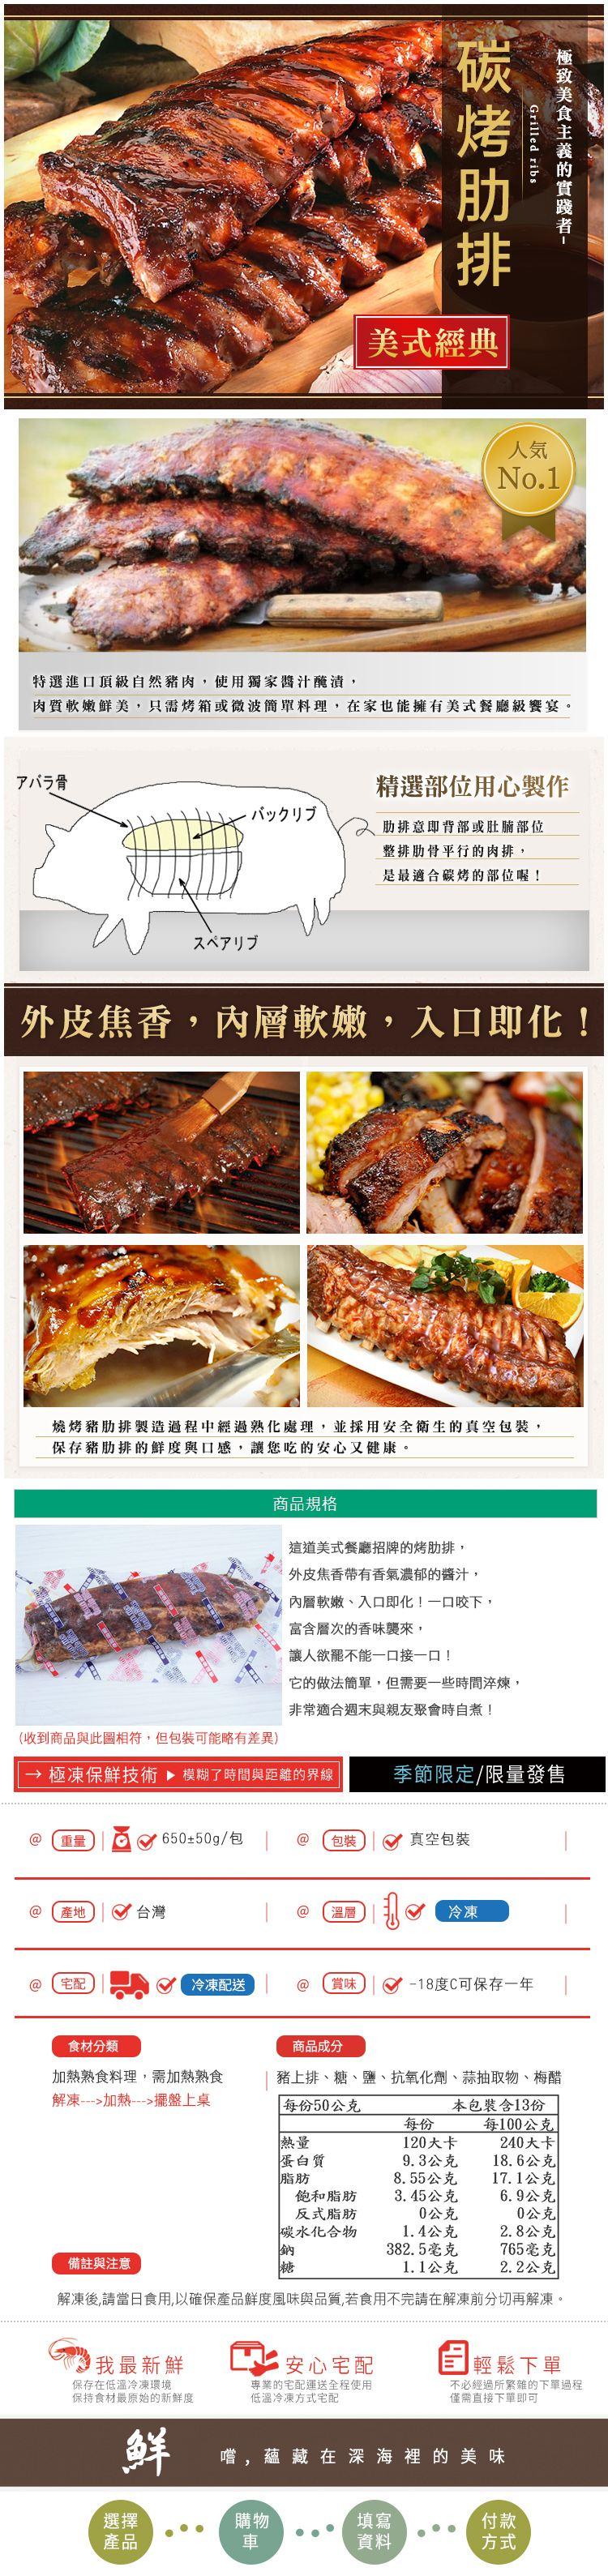 極鮮配/美式炭烤豬肋排/豬肋排/炭烤/美式/BBQ/燒烤/中秋/烤肉/豬肉/肋排